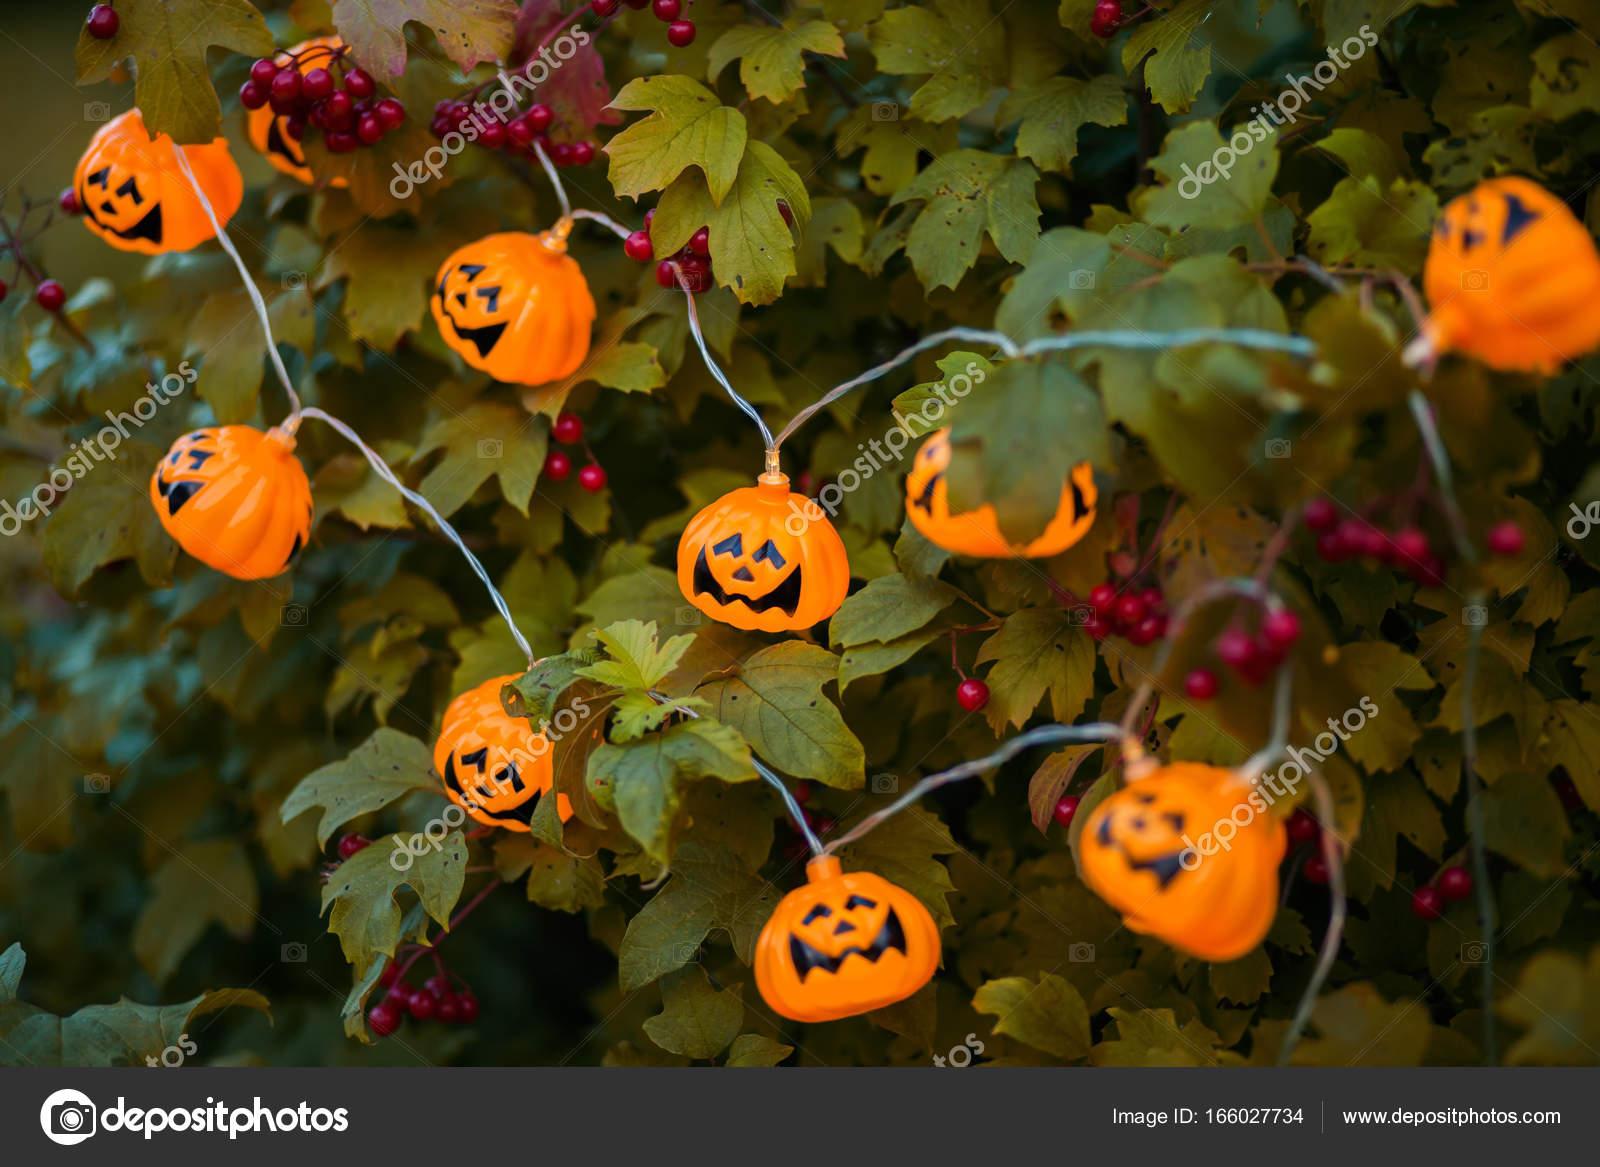 Halloween Decoratie Voor Buiten.Halloween Decoratie Buiten Stockfoto C Alinsssa 166027734